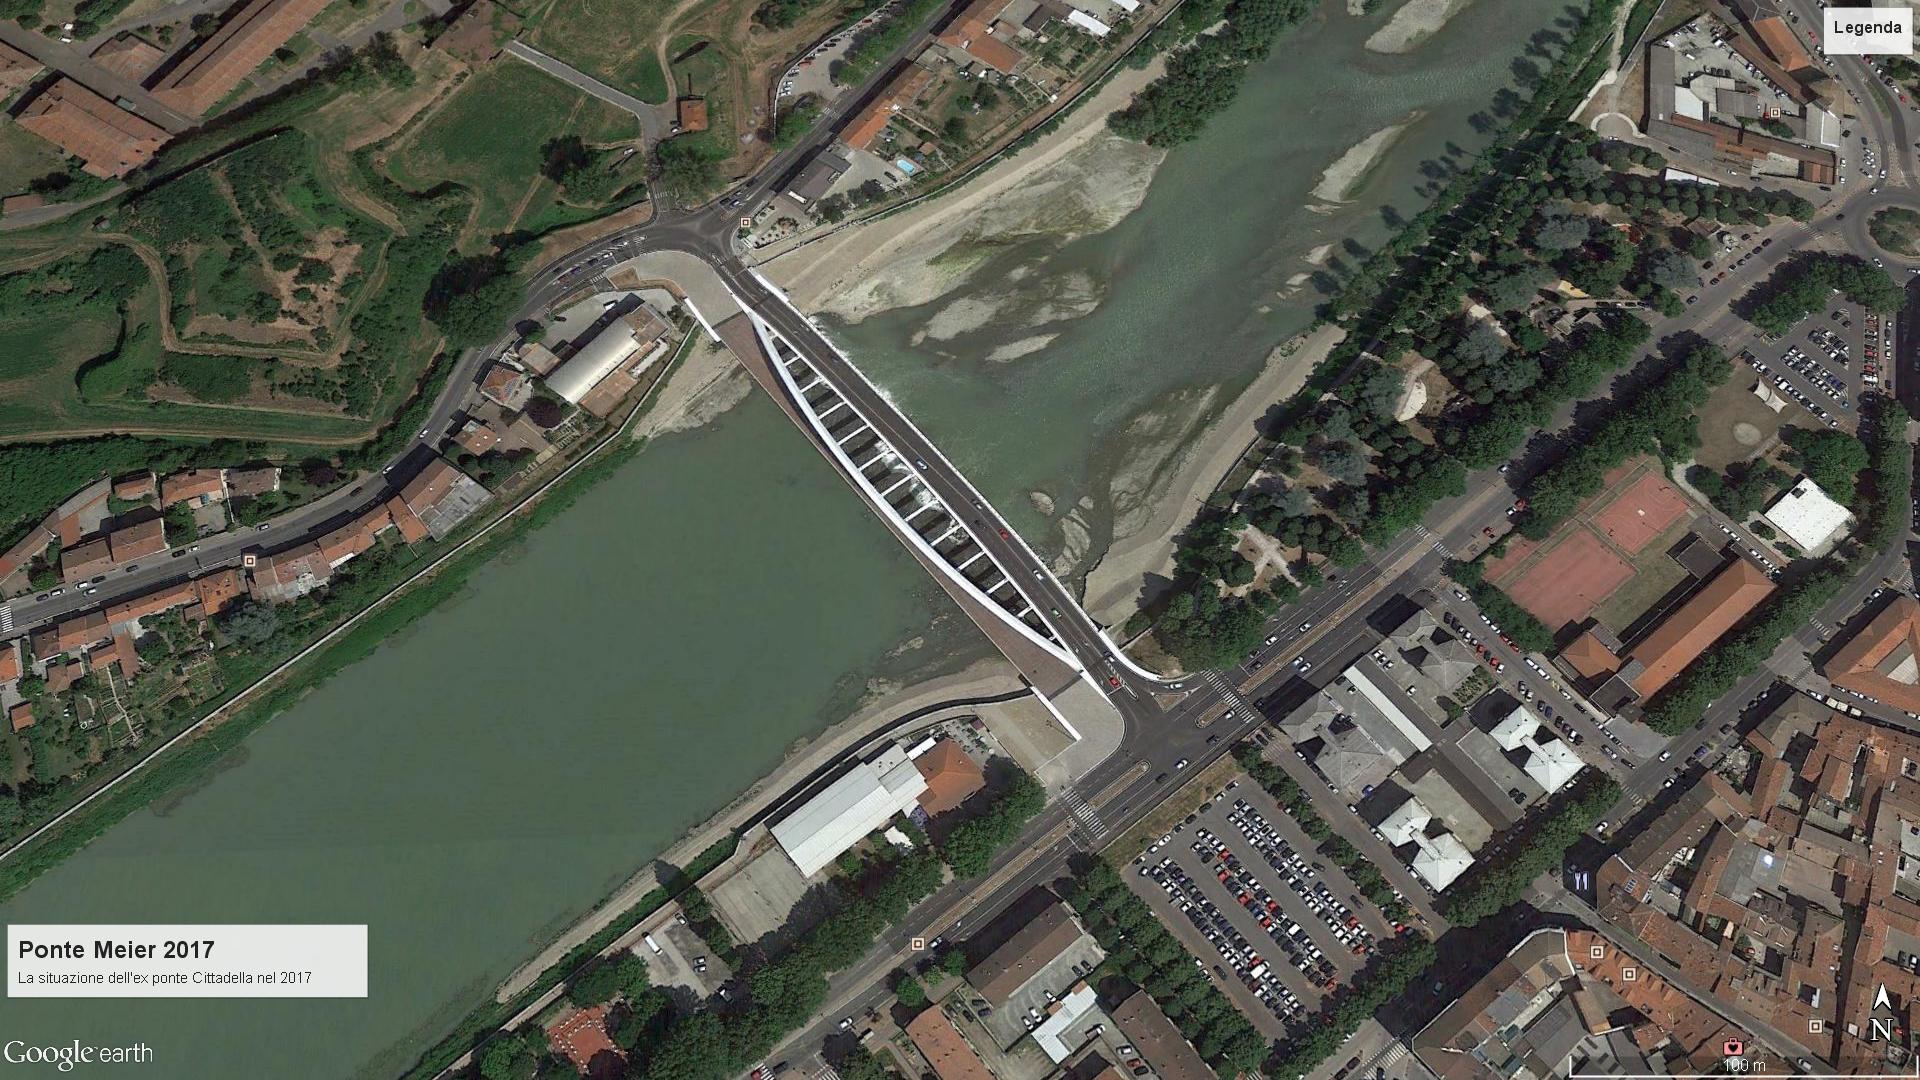 Ponte Meier 2017